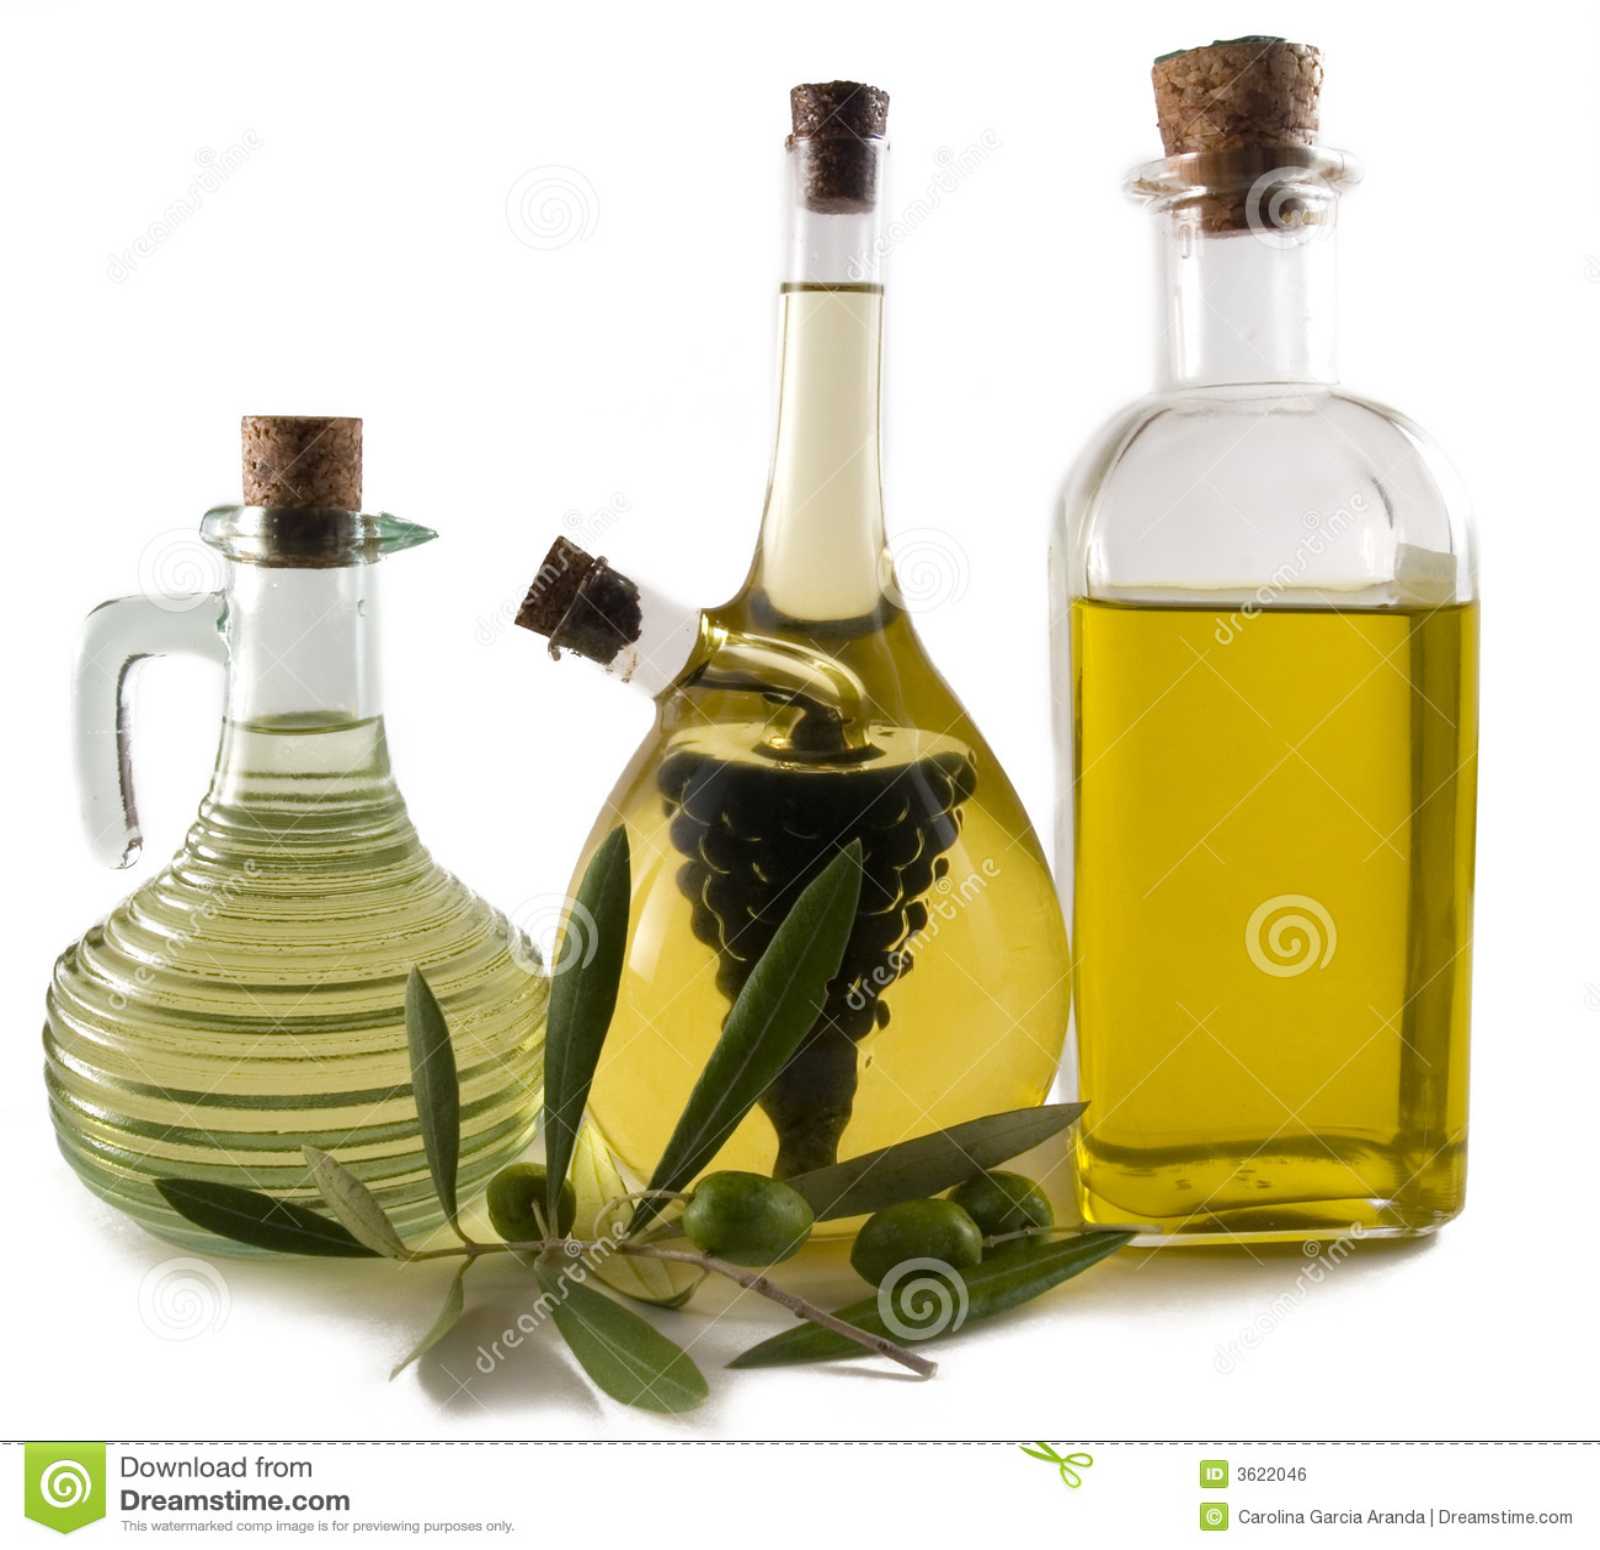 bottles of olive oilvinegar royalty free stock image  image  - bottles of olive oilvinegar royalty free stock image